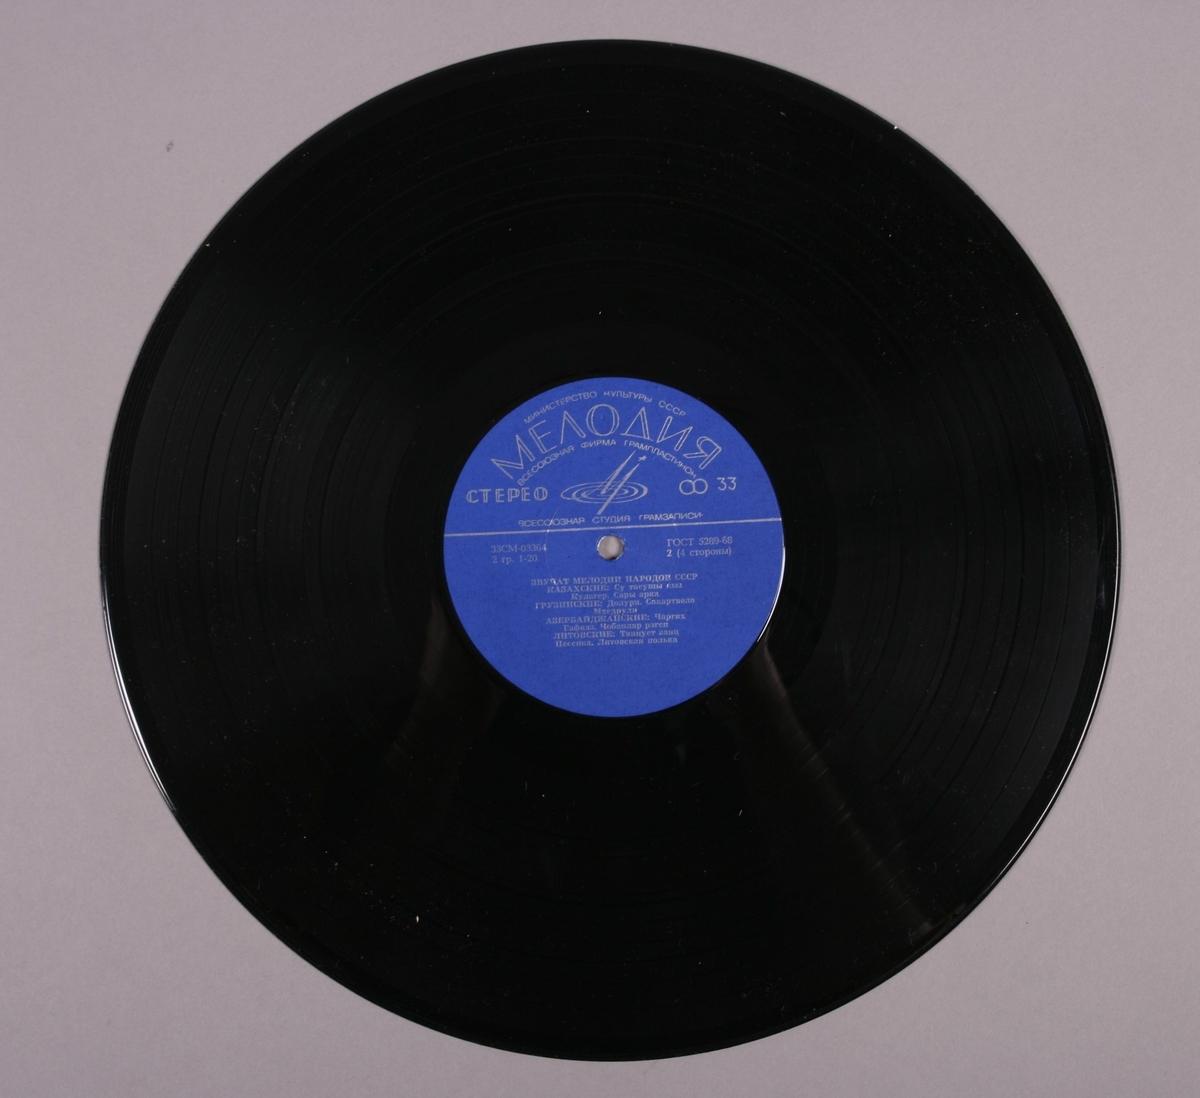 """Grammofonplate i svart vinyl og uoriginalt plateomslag i papir. Påskrift på baksiden av plateomslaget hvor det står """"Ulike meloder fra forskj. områder!"""".  Plata ligger i en plastlomme."""